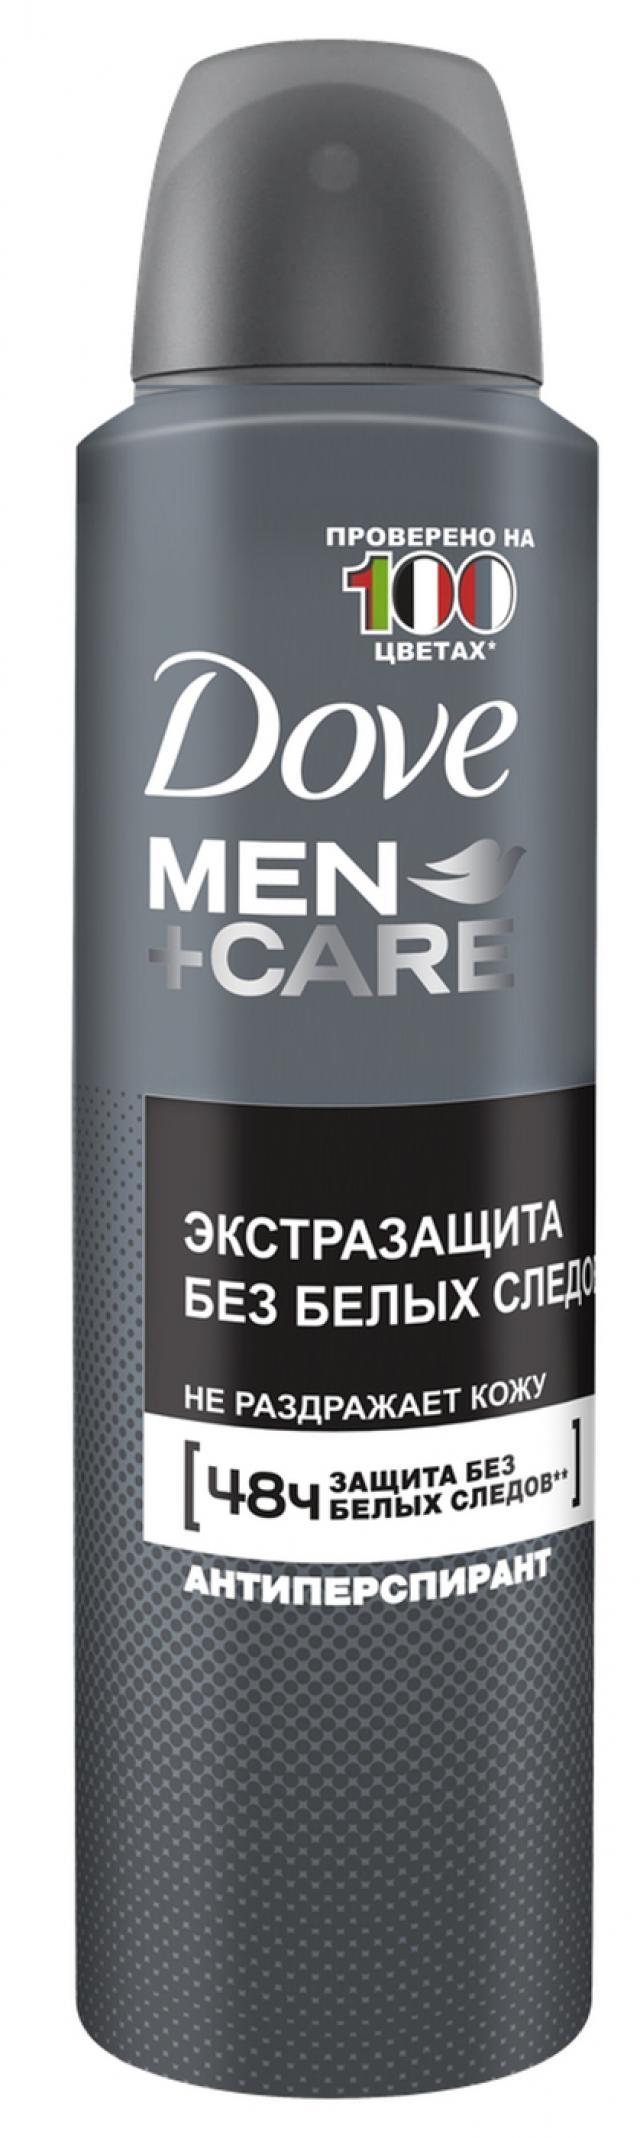 Дав Мен дезодорант-спрей Инвизибл драй без бел.след. 150мл купить в Москве по цене от 0 рублей